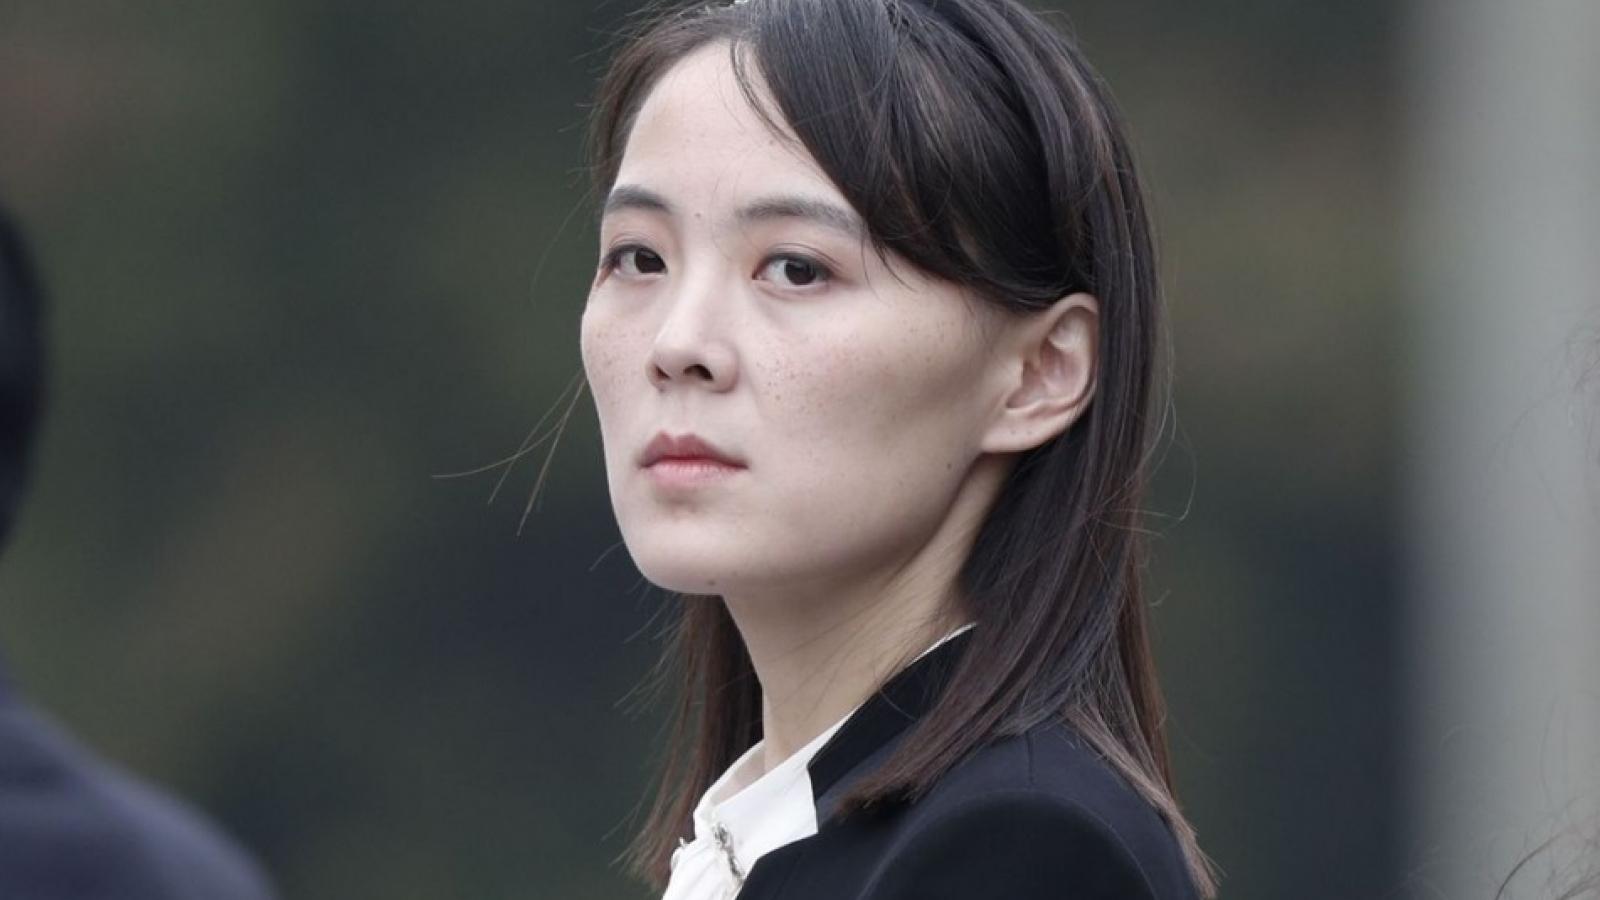 Triều Tiên: Hội nghị thượng đỉnh Mỹ-Triều không giúp ích cho nước này